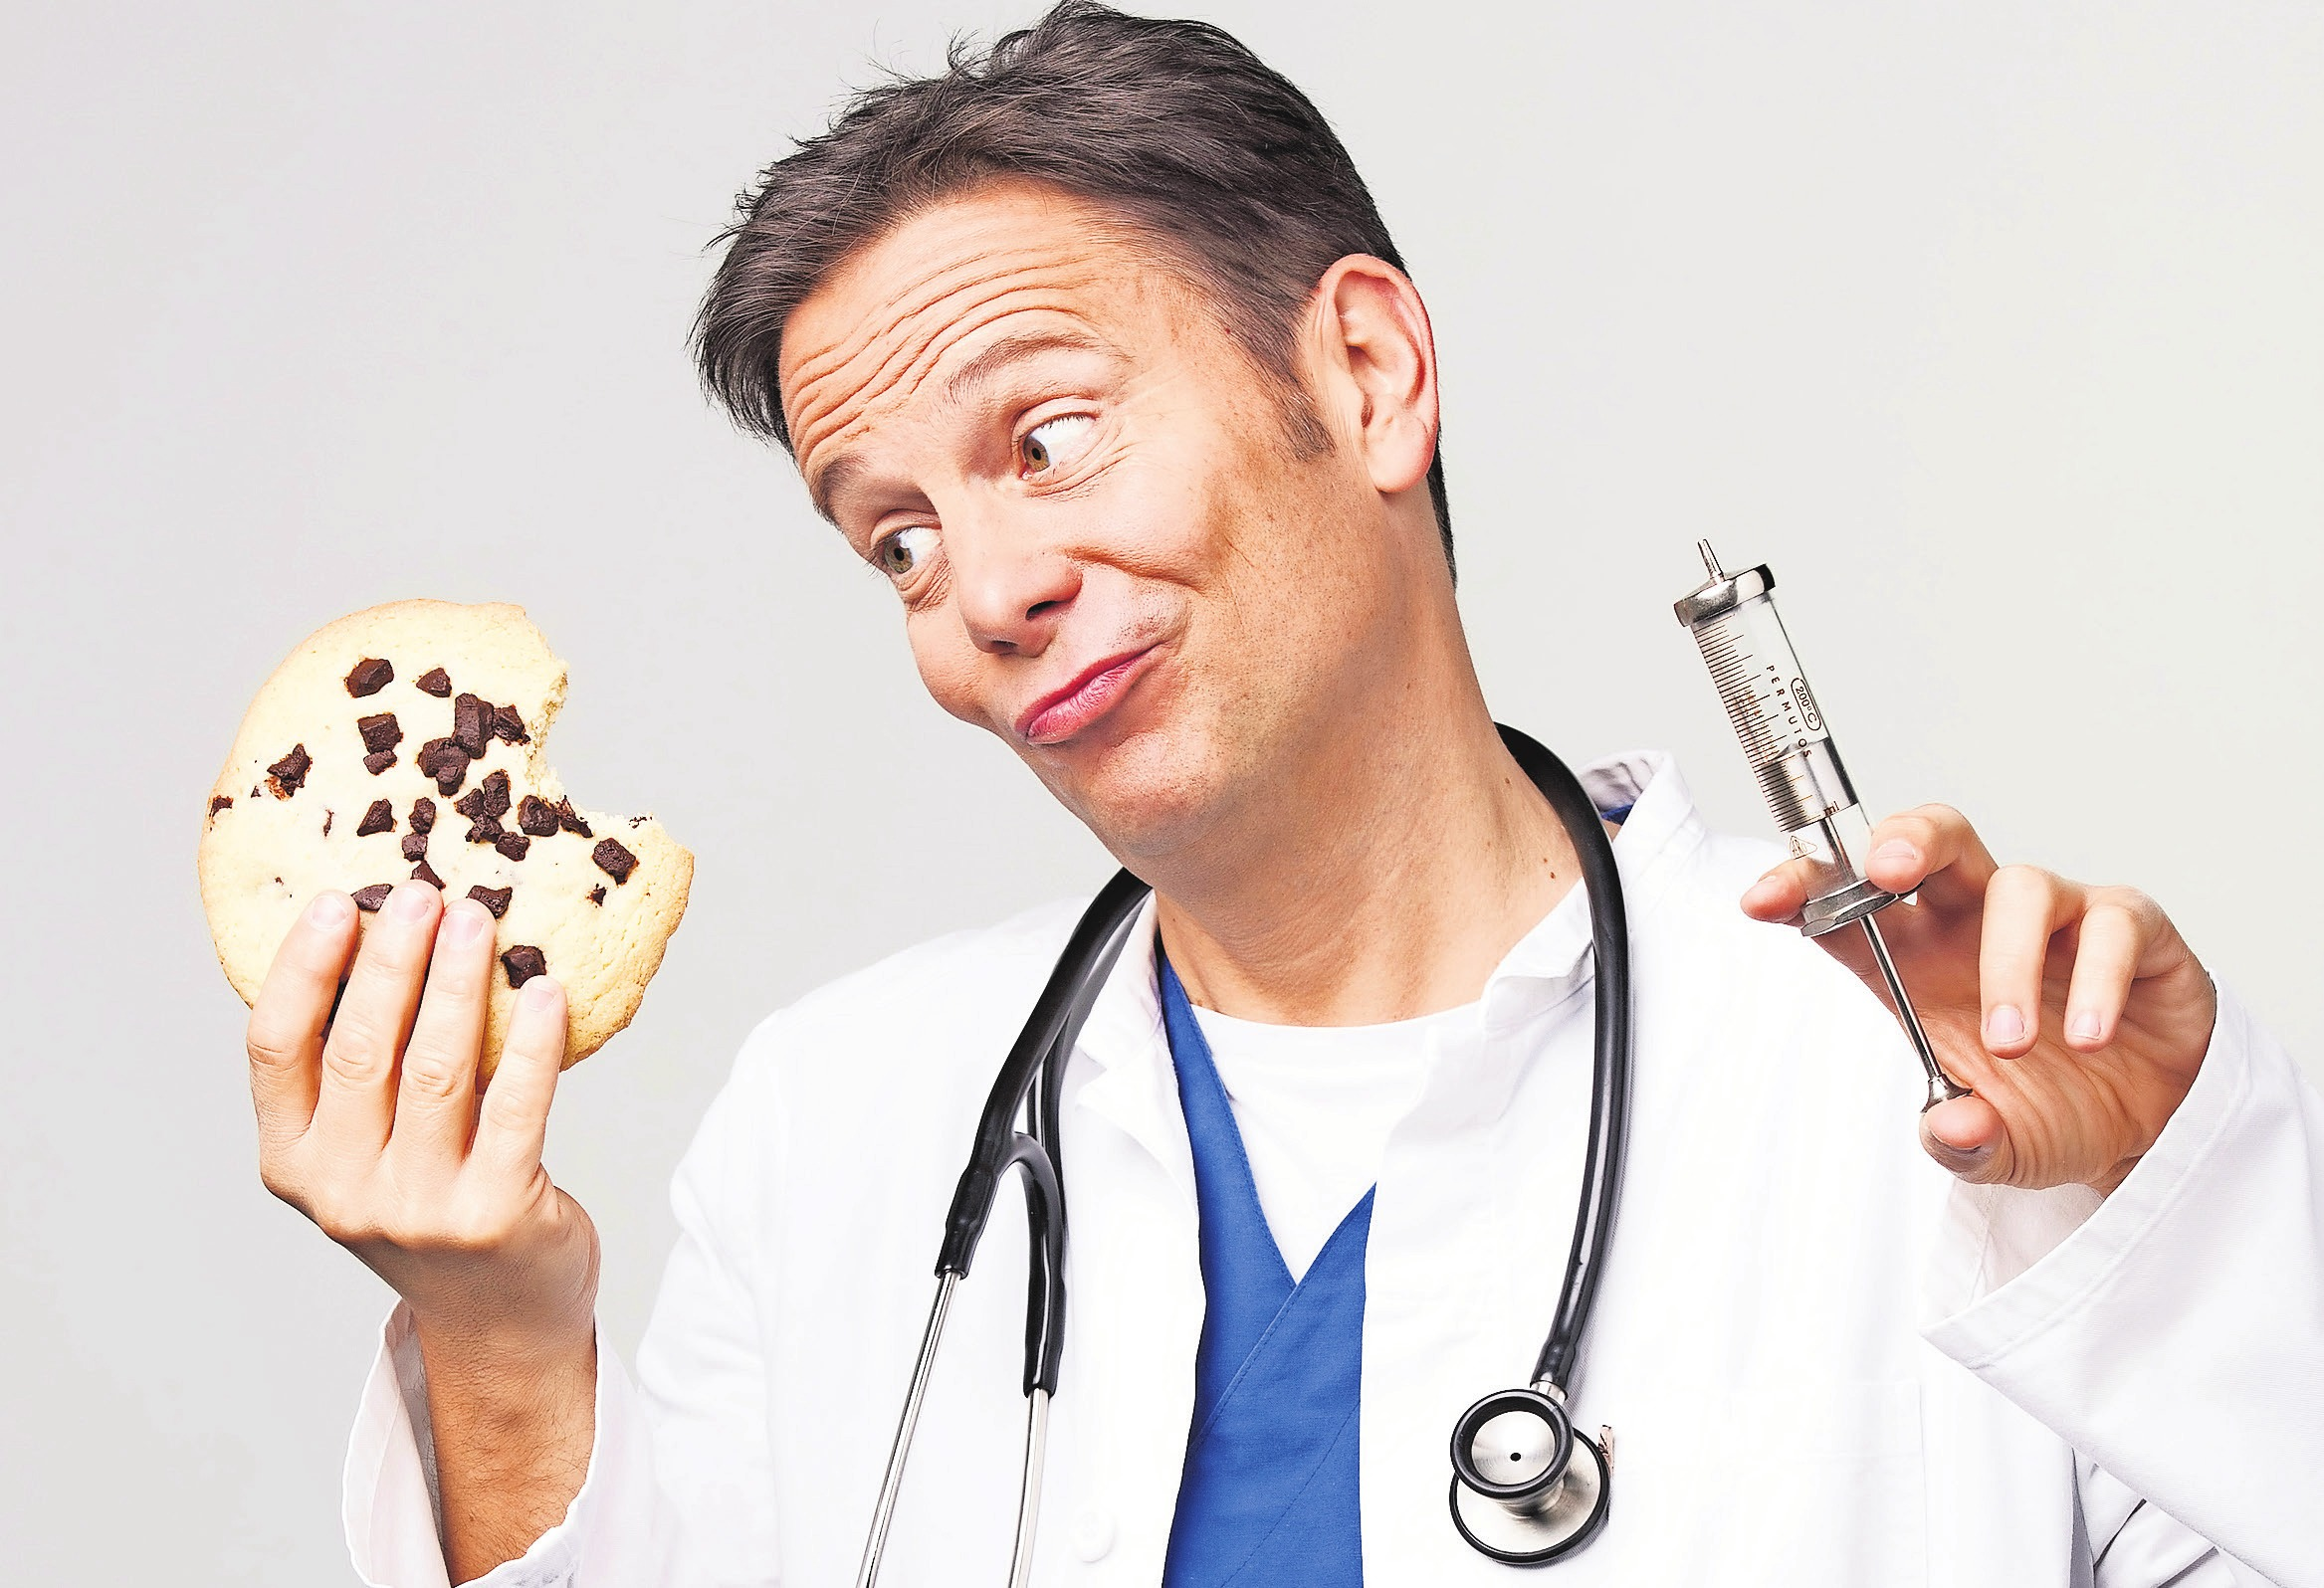 Wie so oft ist auch im Fall der Arthrose die Ernährung ein wichtiger Faktor – und kann vielleicht die ein oder andere Spritze ersparen. Mediziner Carsten Lekutat hat einen Guide zur Arthrose geschrieben. Foto: Martin Jehnichen